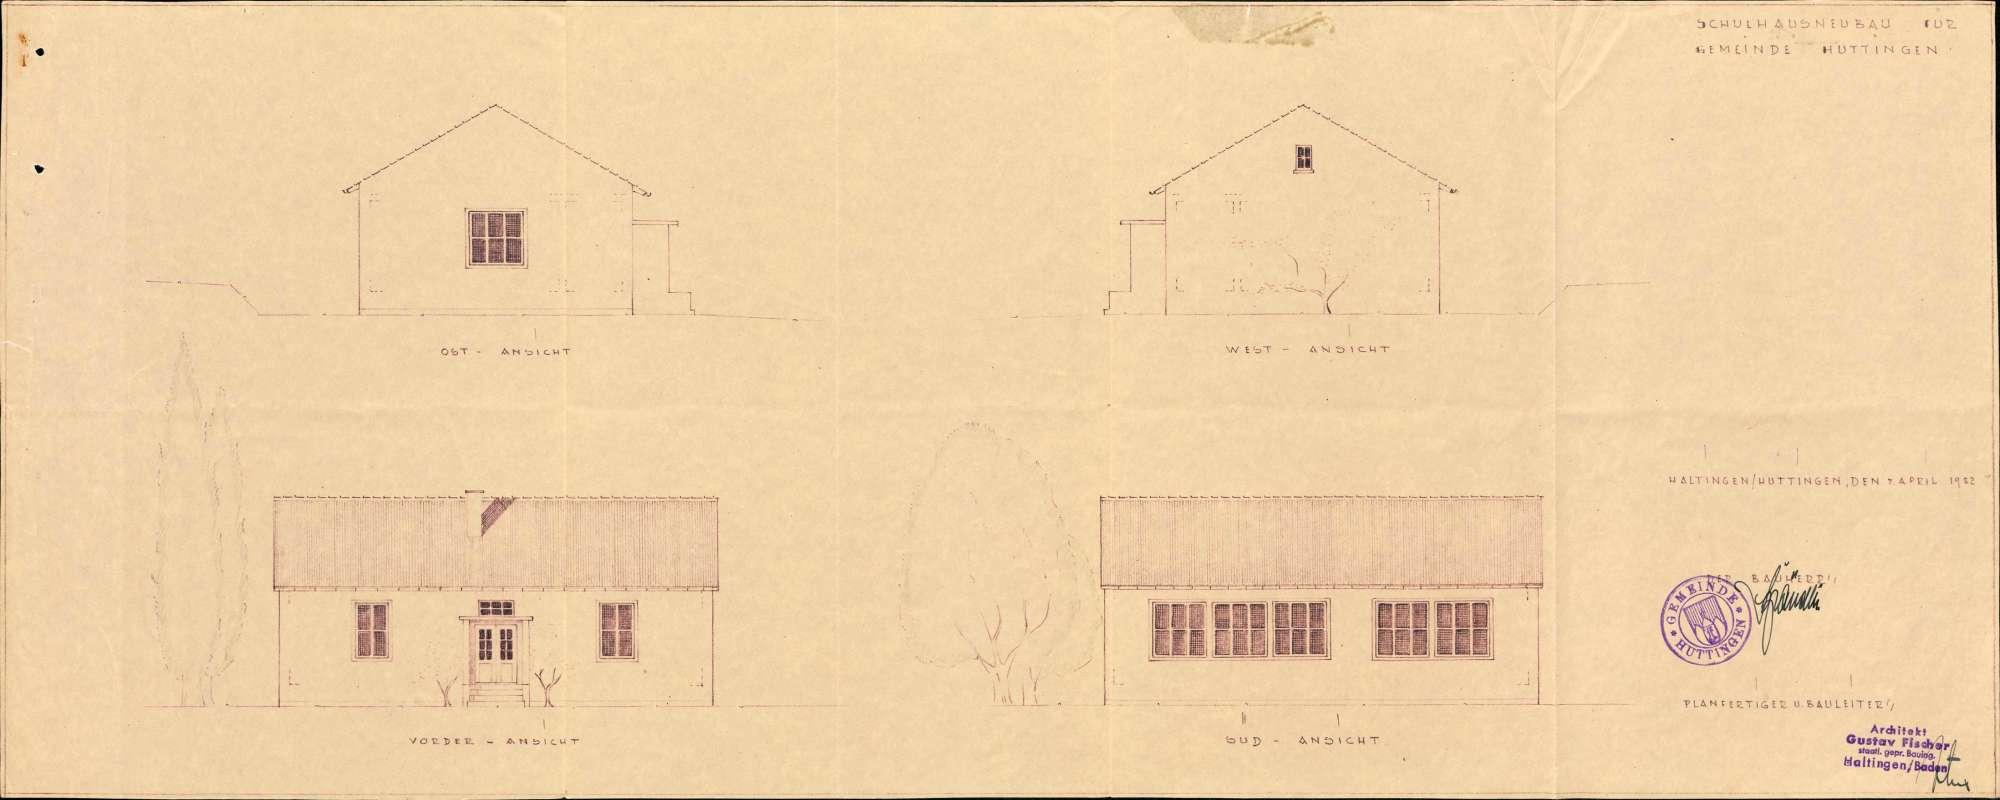 Baugesuch der Gemeinde Huttingen zur Erstellung eines Schulhauses, Bild 1